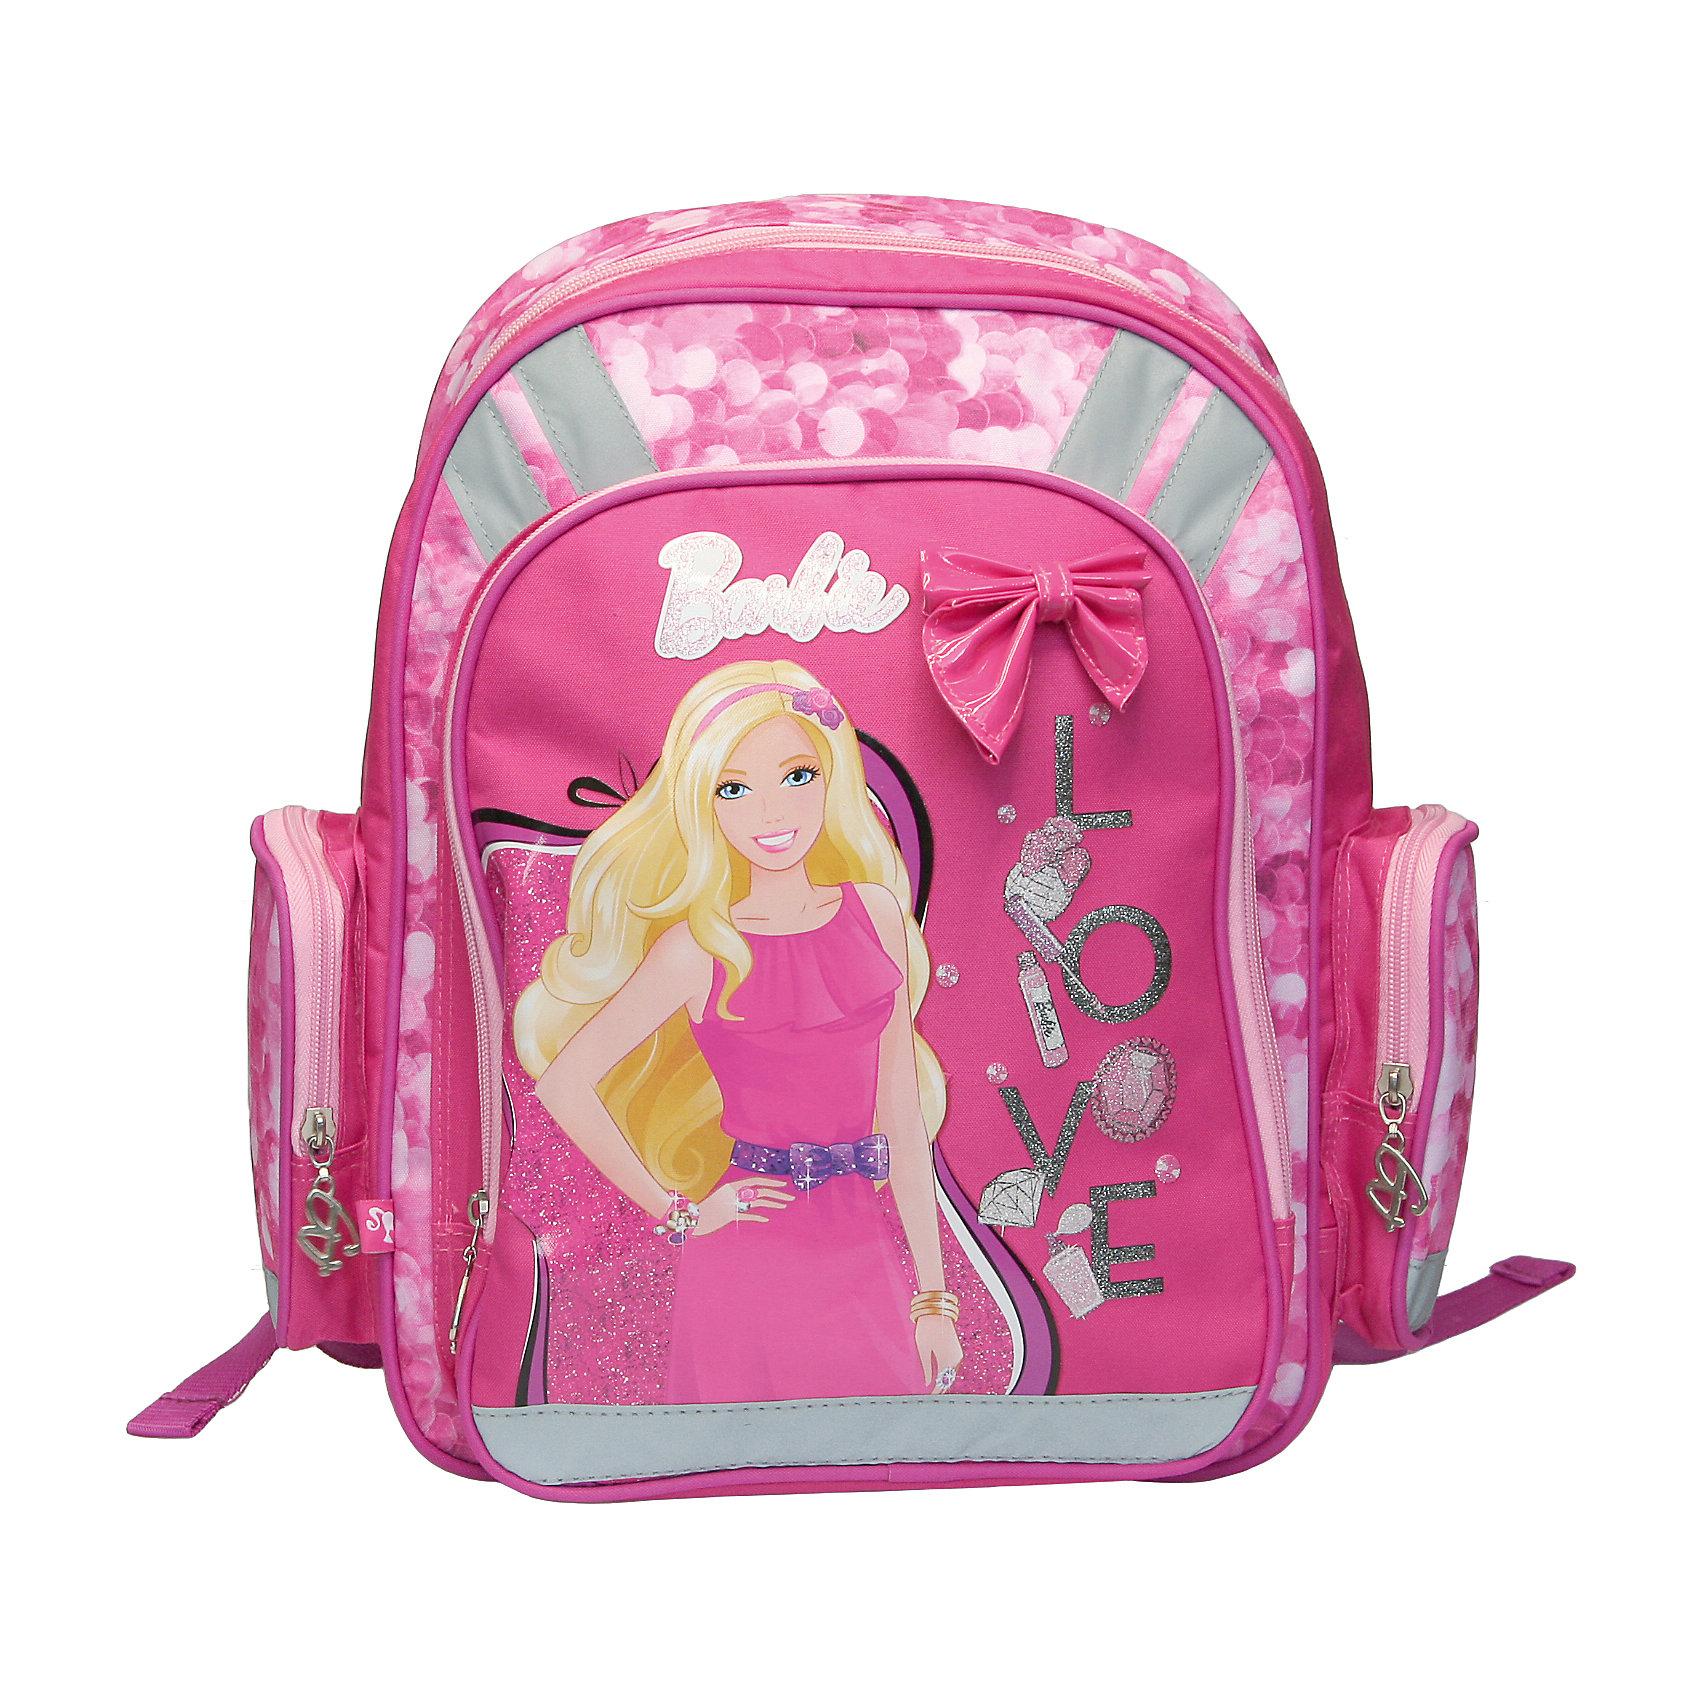 Рюкзак с эргономичной EVA-спинкой и бантиком, BarbieРюкзак с эргономичной EVA-спинкой Barbie (Барби) обязательно понравится всем девочкам, ведь он выполнен в розовых цветах и украшен изображением любимой куколки. В стильный и удобный ранец легко поместятся все учебники и другие школьные принадлежности, а в кармашки можно сложить необходимые мелочи. Рюкзак Barbie с ортопедический  EVA спинкой обеспечит более плотное прилегание рюкзака к спине, что сохранит правильную осанку Вашего ребенка. Спинка рюкзака изготовлена с использованием вертикальной ортопедической вставки, расположенной по профилю позвоночного столба. Наружная часть спинки рюкзака снабжена специально расположенными поролоновыми элементами с воздухообменной сеткой, служащими для правильного и безопасного распределения нагрузки на спину ребенка. Лямки рюкзака специальной S-образной формы с поролоном и воздухообменной сеткой, регулируются по длине. Данные конструктивные  особенности помогут обеспечить максимальный комфорт при ношении рюкзака за спиной ребенку любой комплекции.<br><br><br>Дополнительная информация:  <br><br>- EVA - спинка;<br>- Рюкзак имеет текстильную ручку и два отделения на молнии;<br>- Два боковых кармана на молнии укреплены с внешней стороны высокотехнологичным  упругим материалом (EVA), что служит дополнительной защитой для содержимого карманов;<br>- Дно жесткое с пластиковой вставкой, что делает рюкзак устойчивым и защищает его от намокания в случае, если рюкзак стоит на сырой поверхности;<br>- Рюкзак яркий и блестящий, в стильном дизайне с изображением куколки Barbie (Барби);<br>- Размер: 13 х 38 х 29 см;<br>- Материал: полиэстер;<br>- Вес: 735 г.<br><br>Рюкзак с эргономичной EVA-спинкой, Barbie (Барби) можно купить в нашем интернет-магазине.<br><br>Ширина мм: 380<br>Глубина мм: 290<br>Высота мм: 130<br>Вес г: 735<br>Возраст от месяцев: 48<br>Возраст до месяцев: 84<br>Пол: Женский<br>Возраст: Детский<br>SKU: 3563299